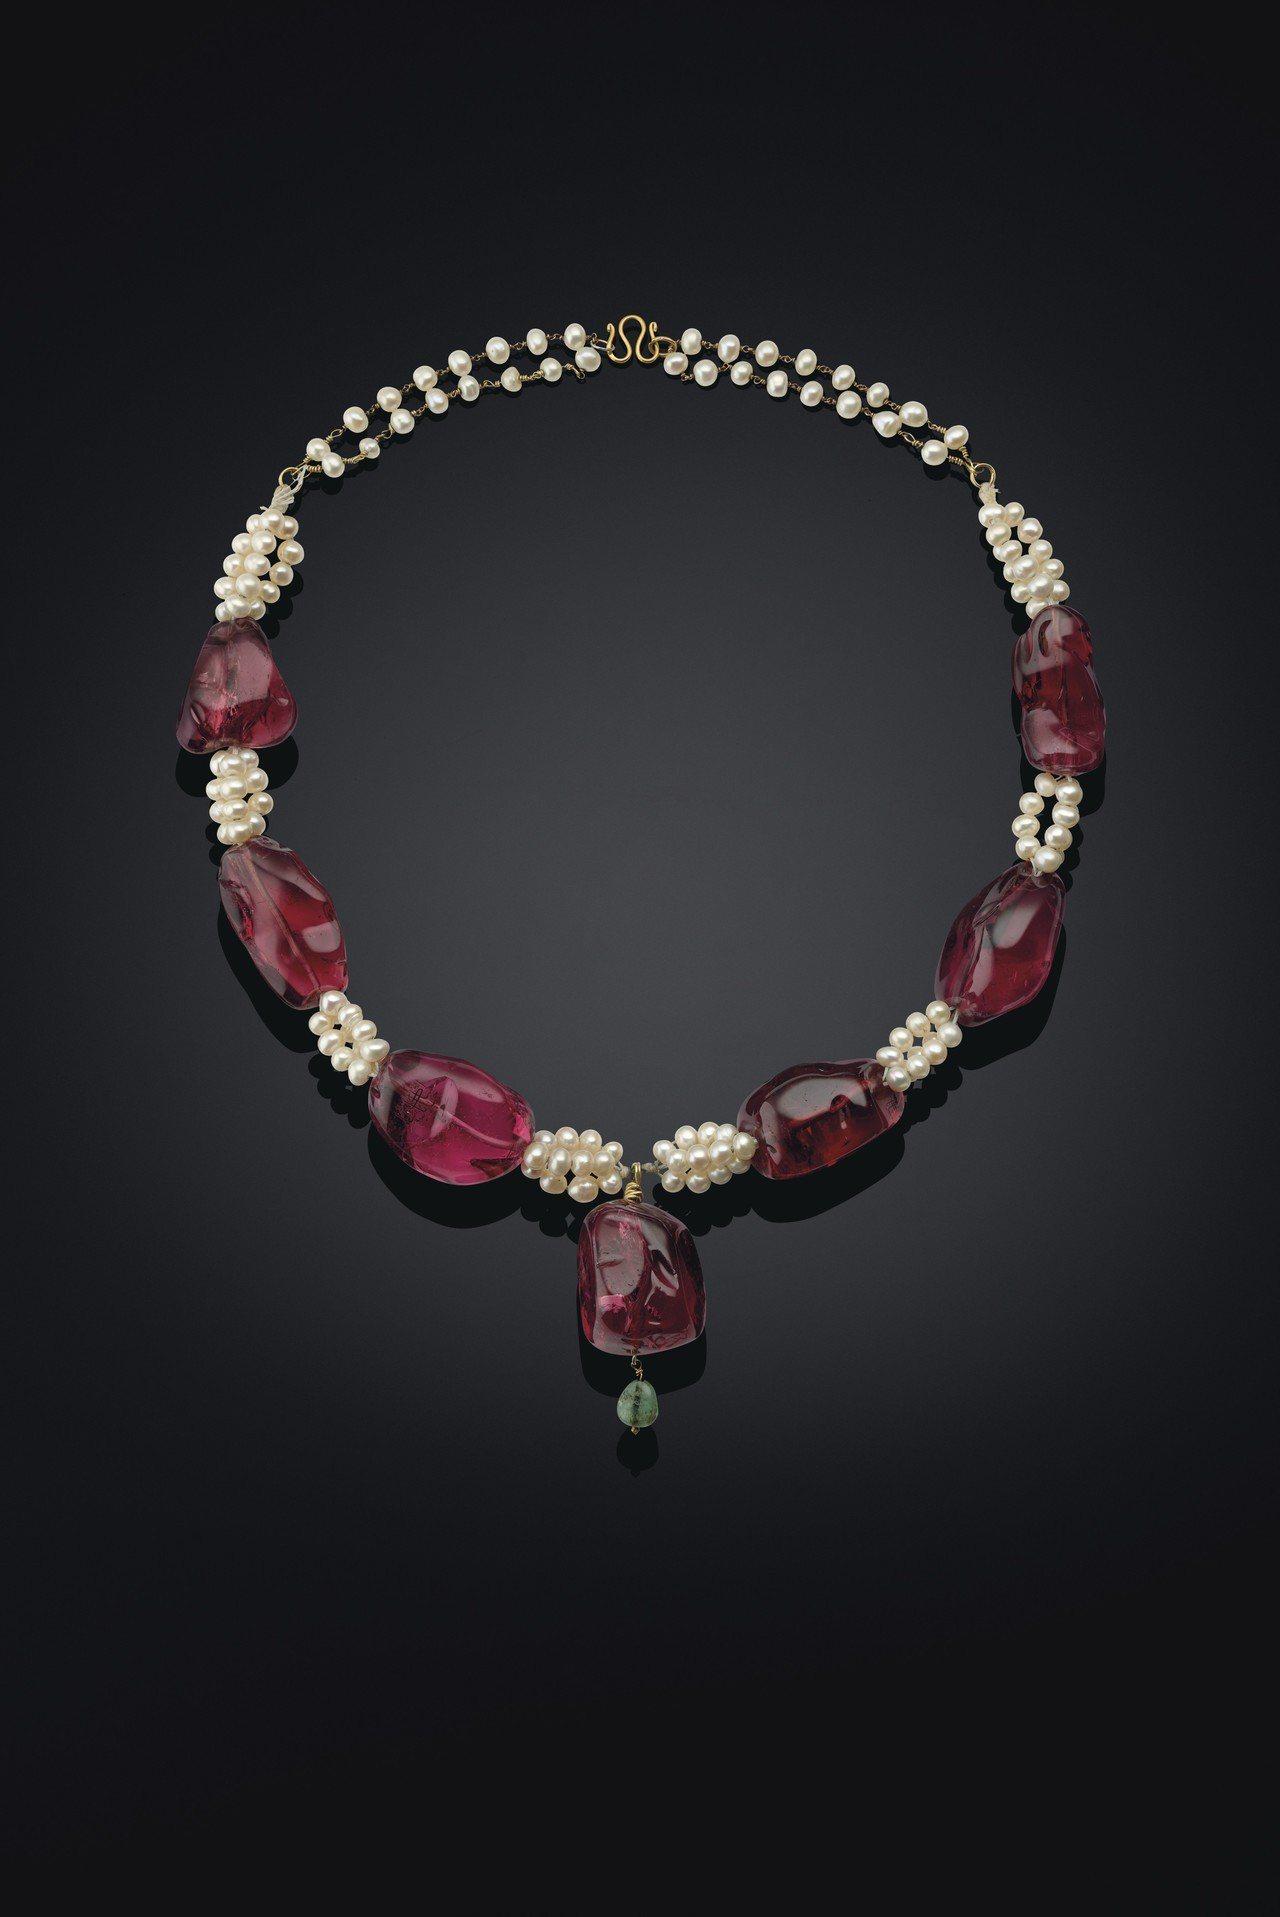 皇室尖晶石項鍊,印度北部,尖晶石可追溯至西元1607-1608年,1754-17...